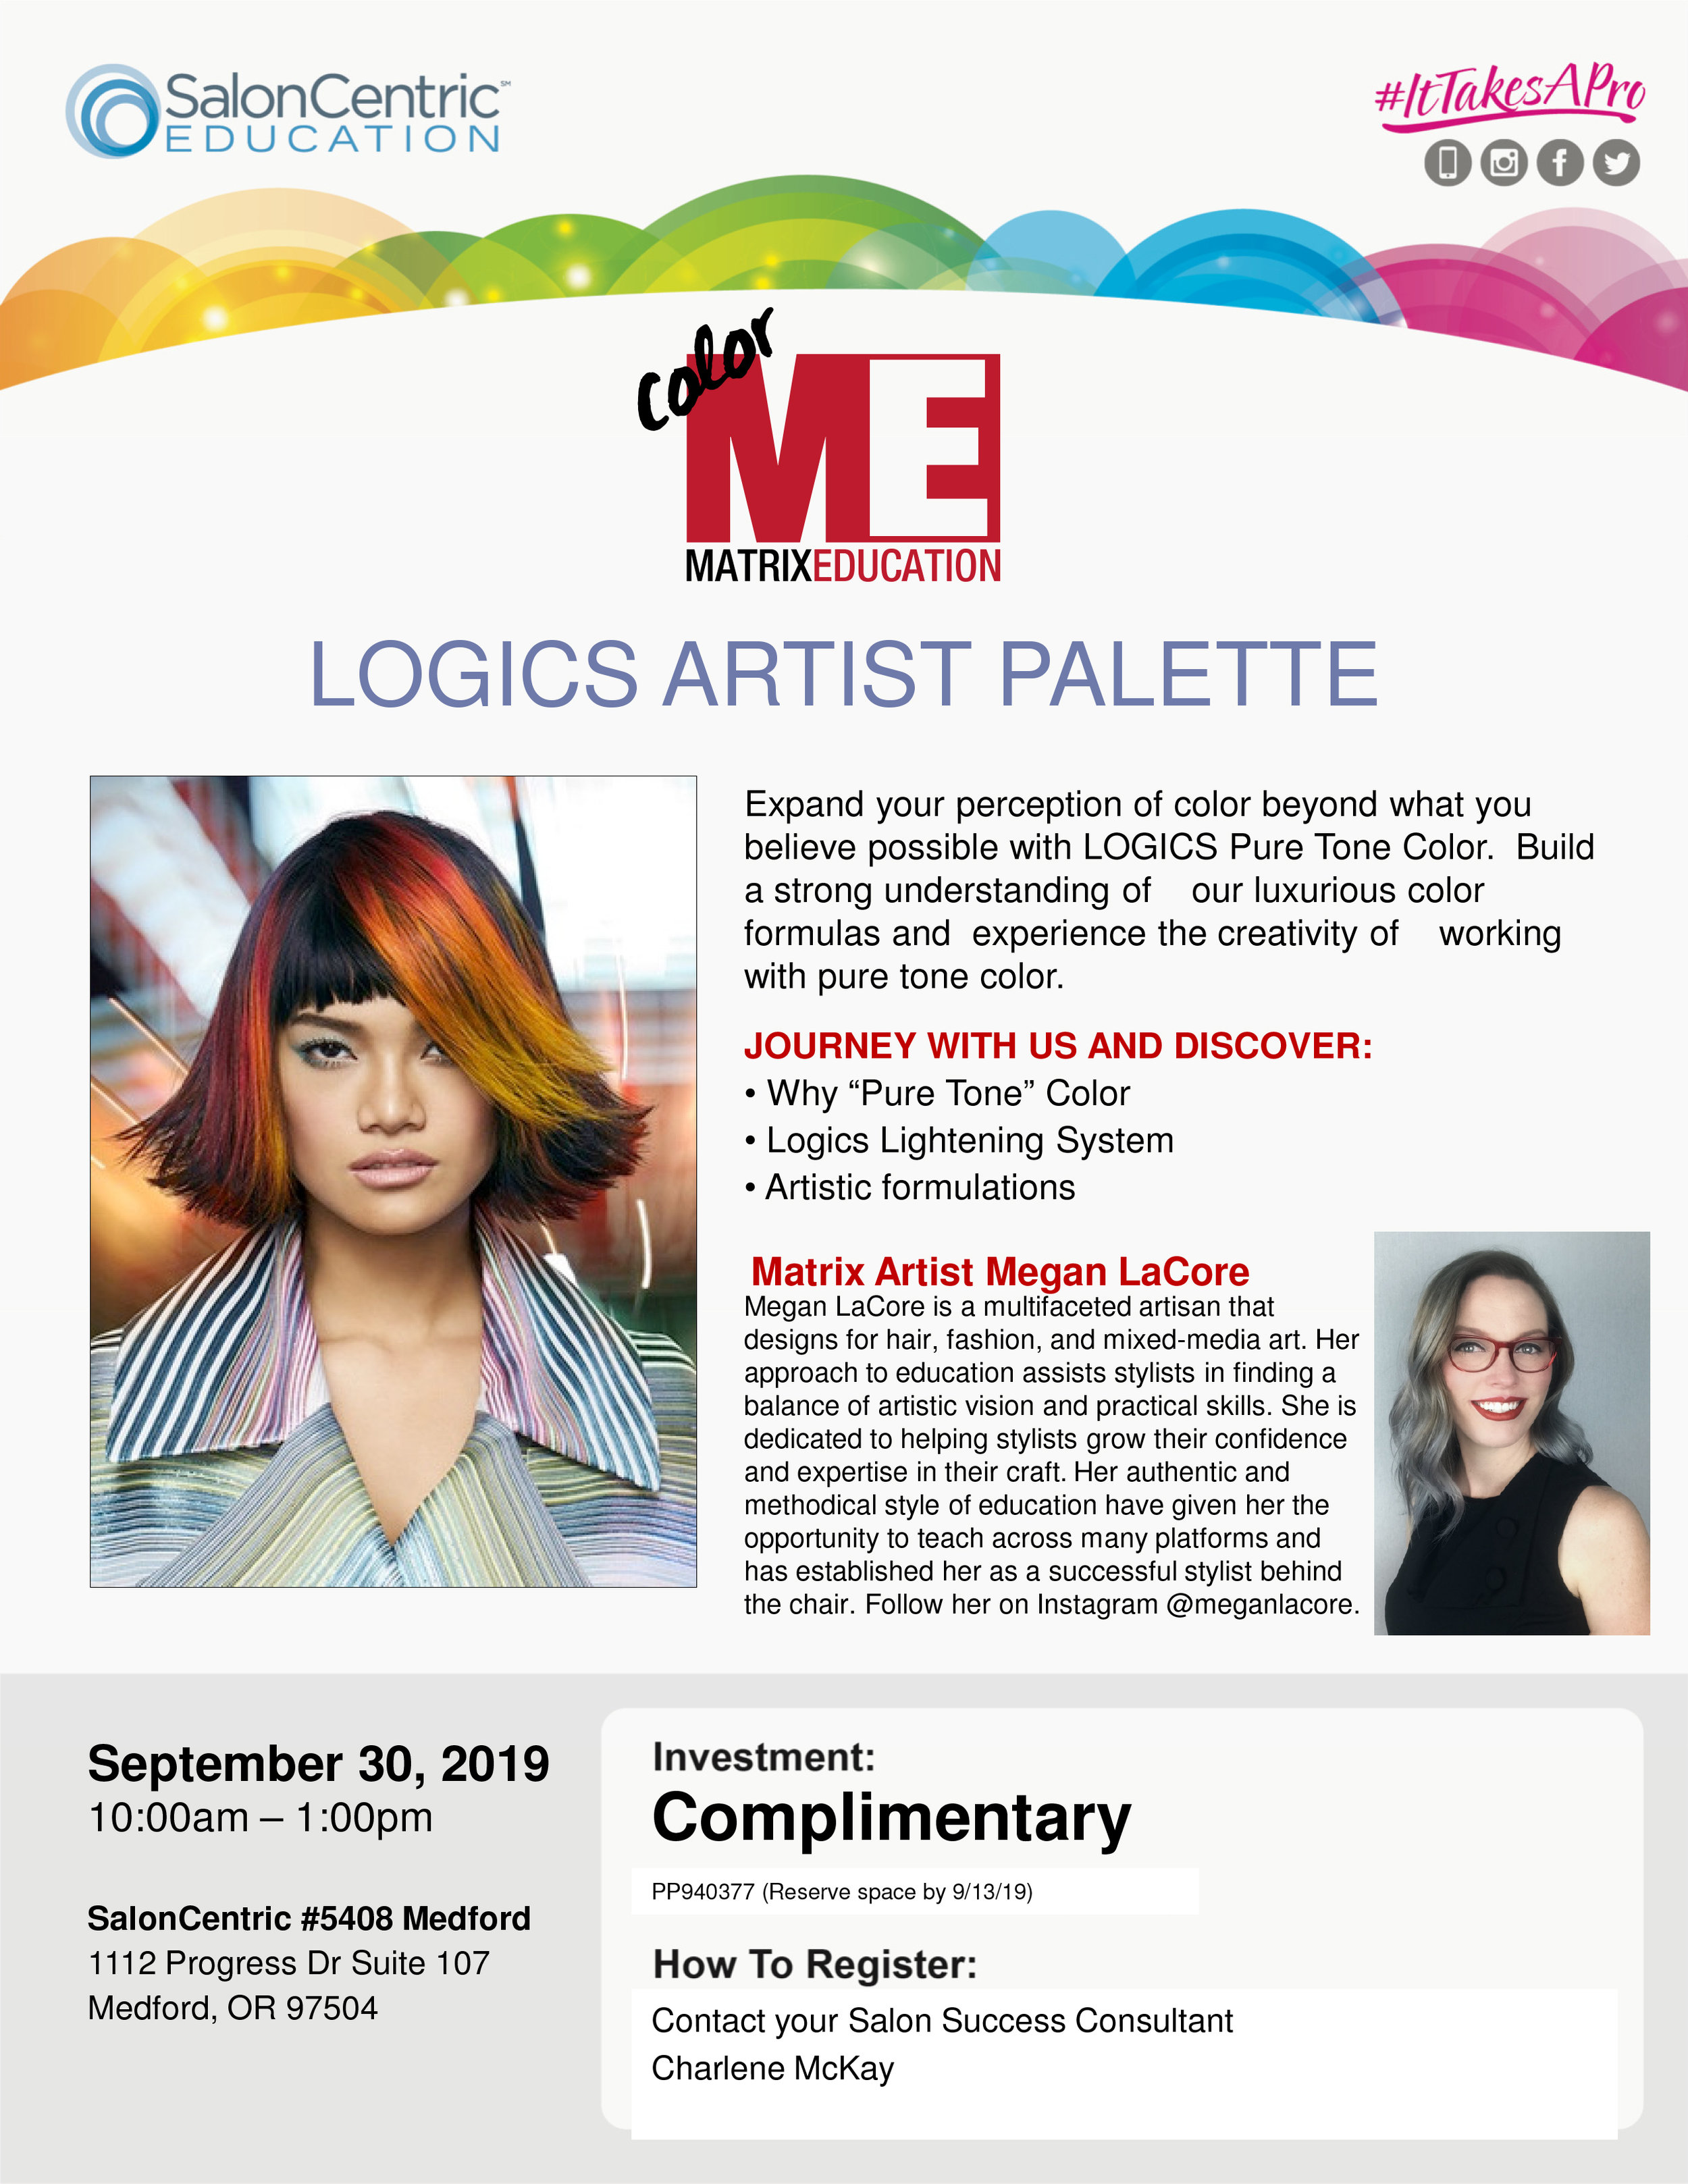 Logics - Artist Palette - September 30, 2019 - Medford, OR.jpg